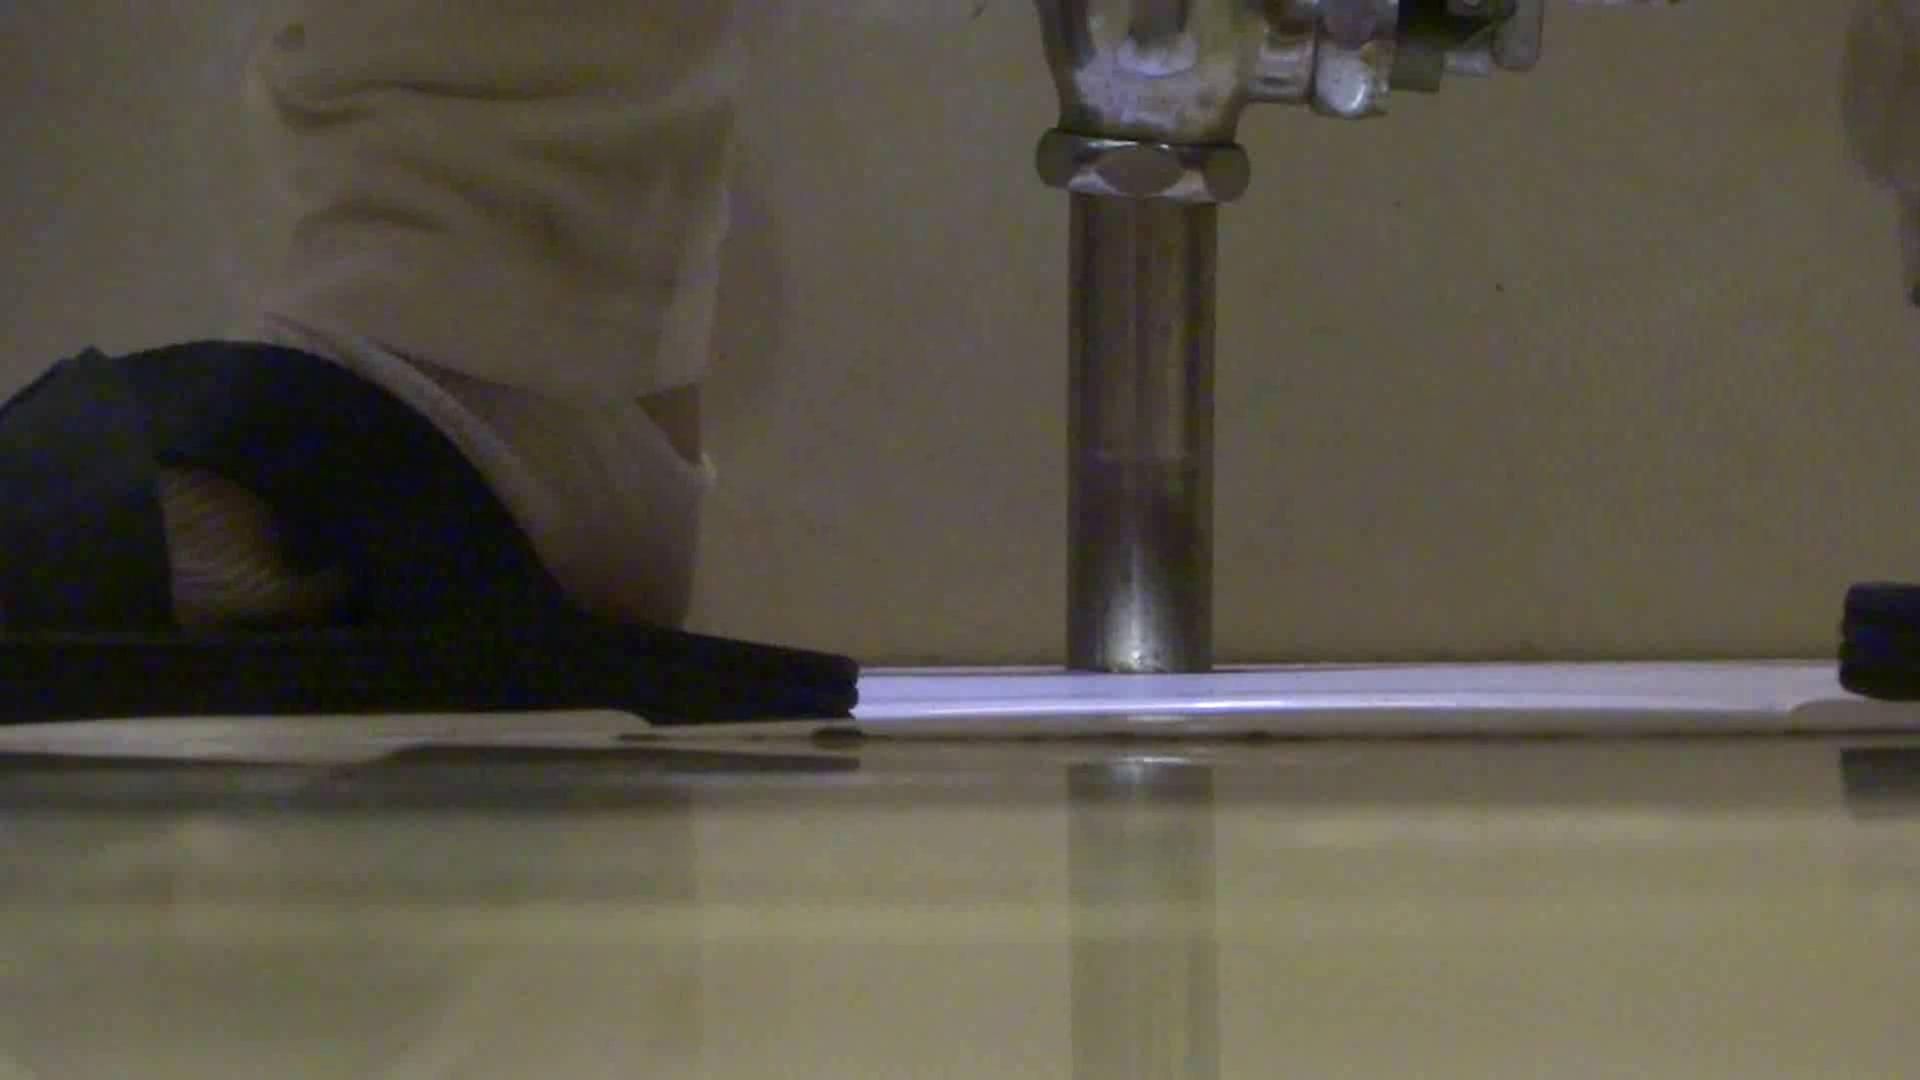 「噂」の国の厠観察日記2 Vol.15 人気シリーズ  9枚 6